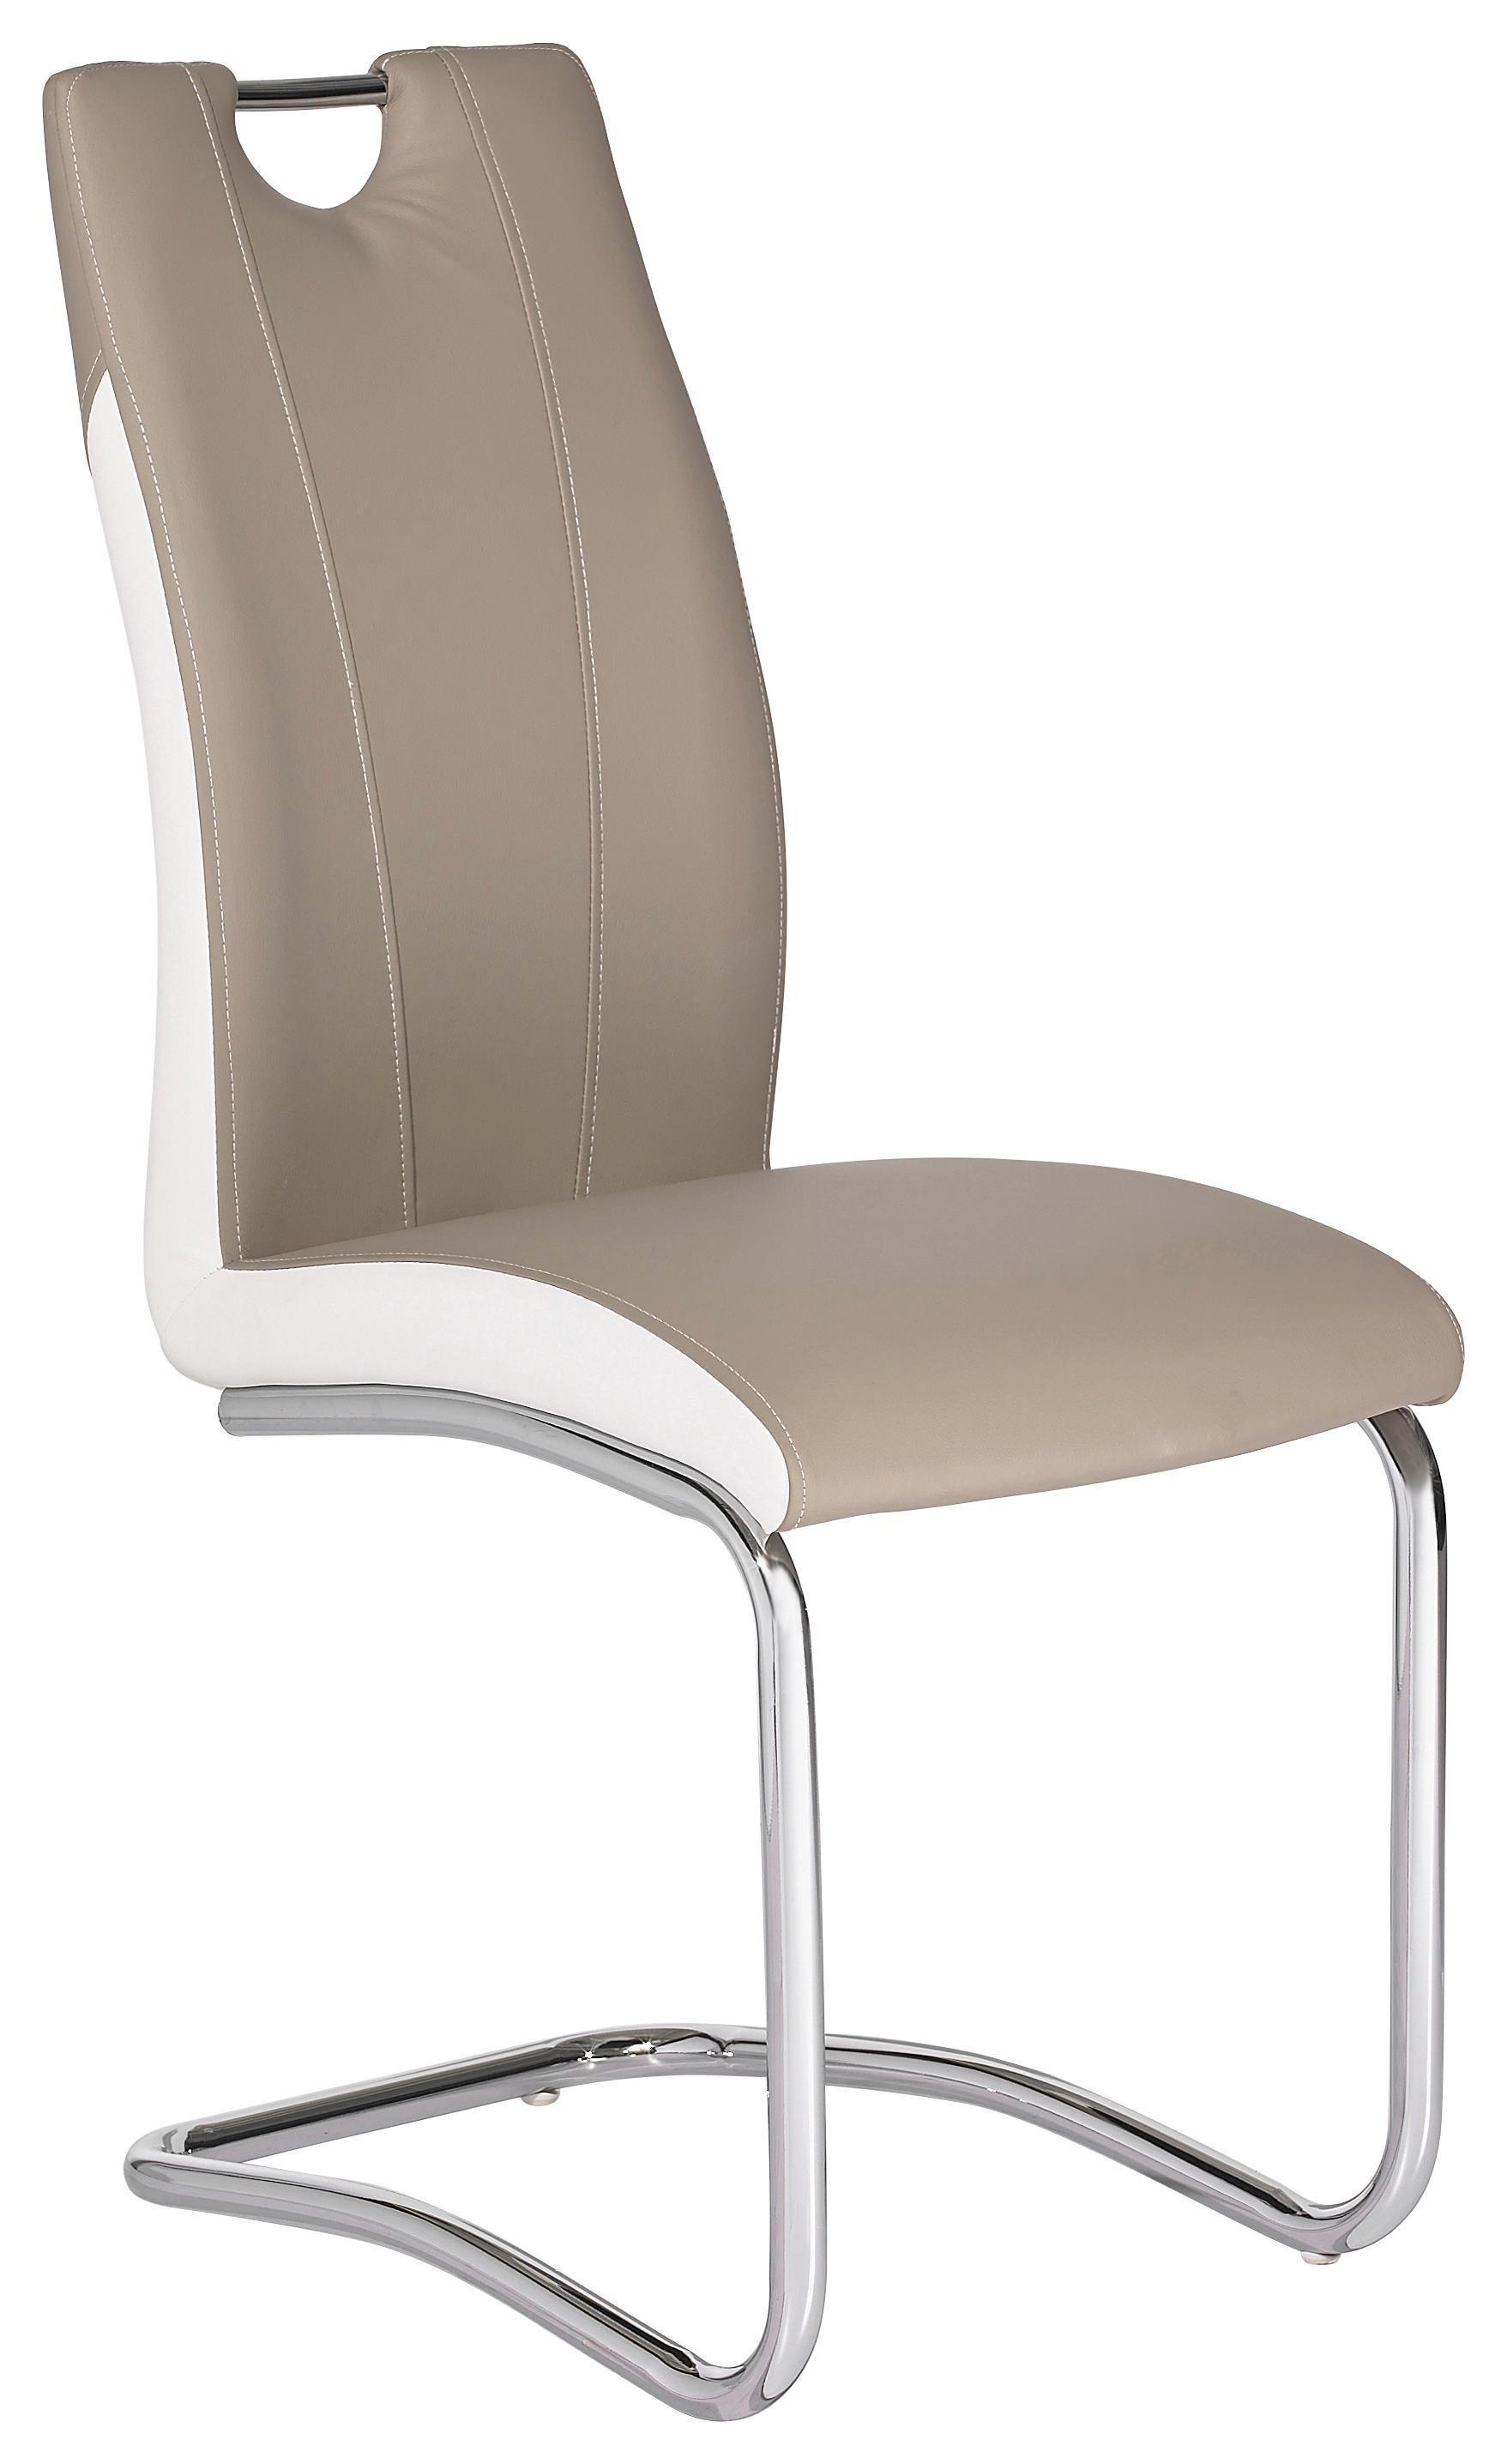 Drehstuhl esszimmer holzfuss  Stühle online kaufen